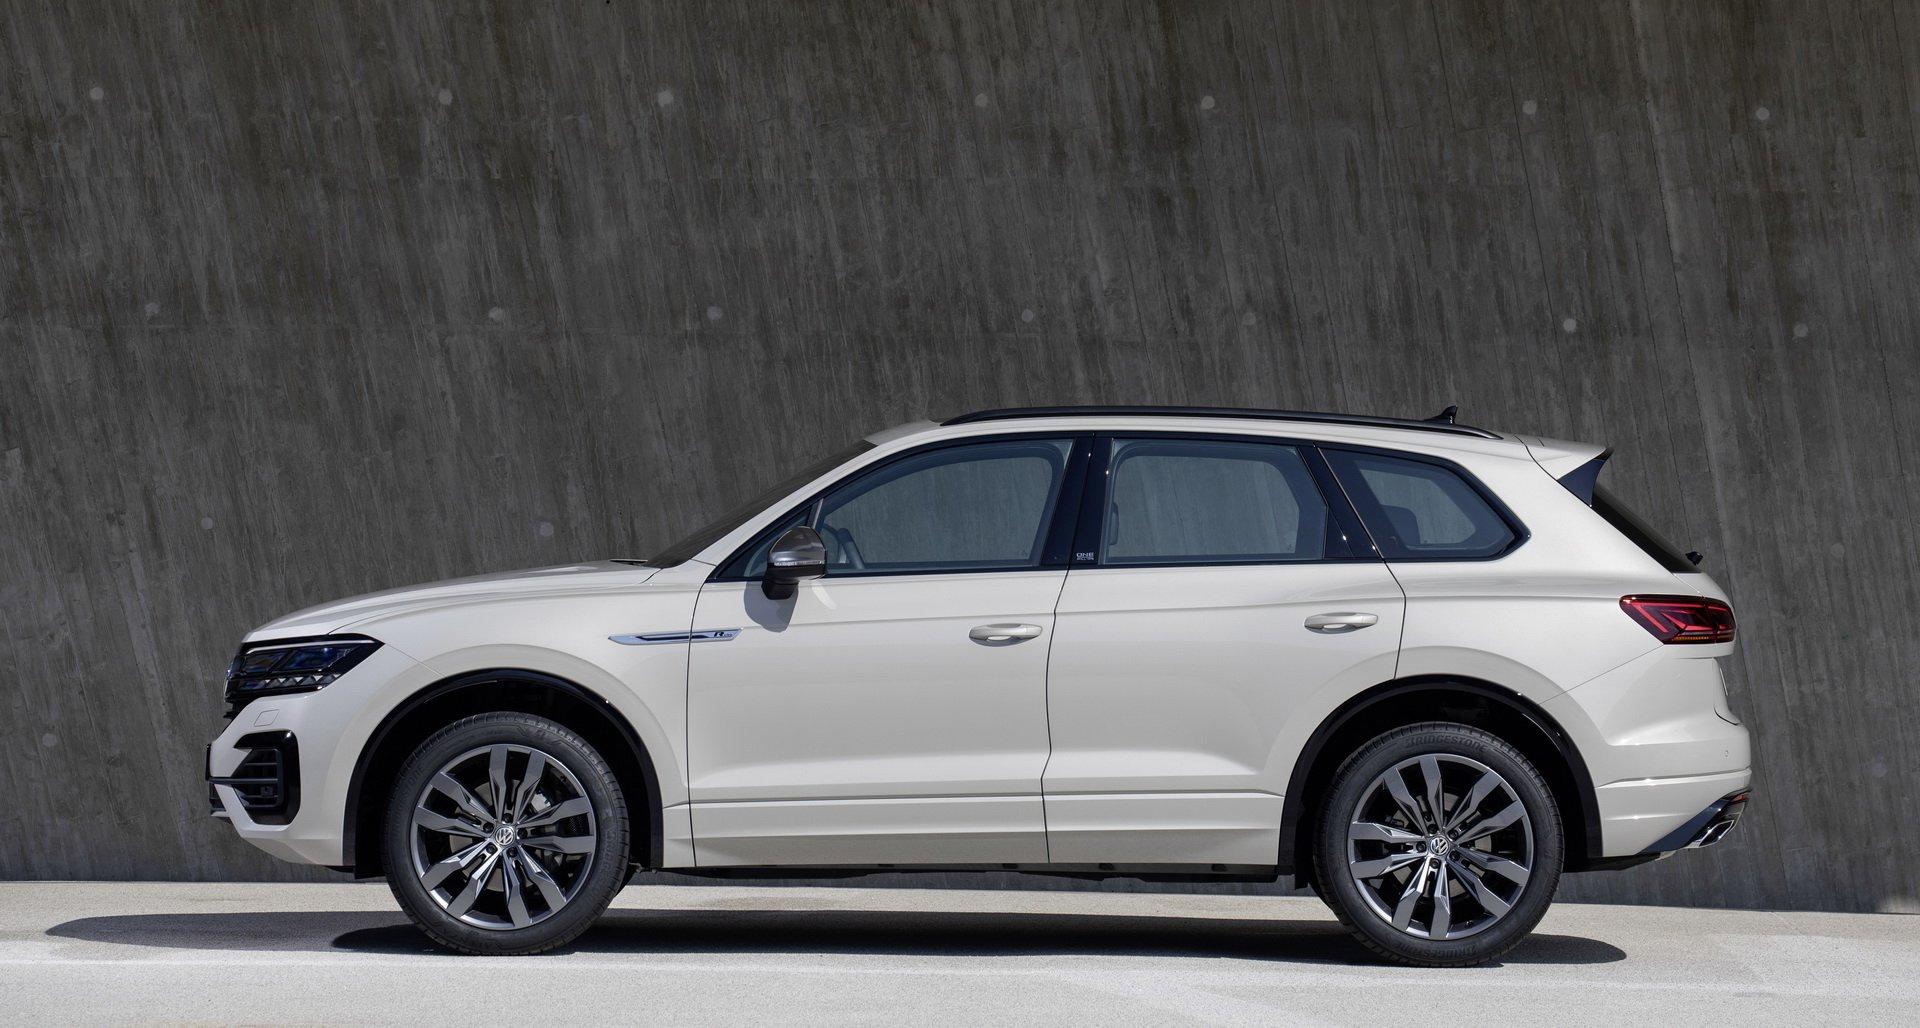 Volkswagen-Touareg-One-Million-Edition-3